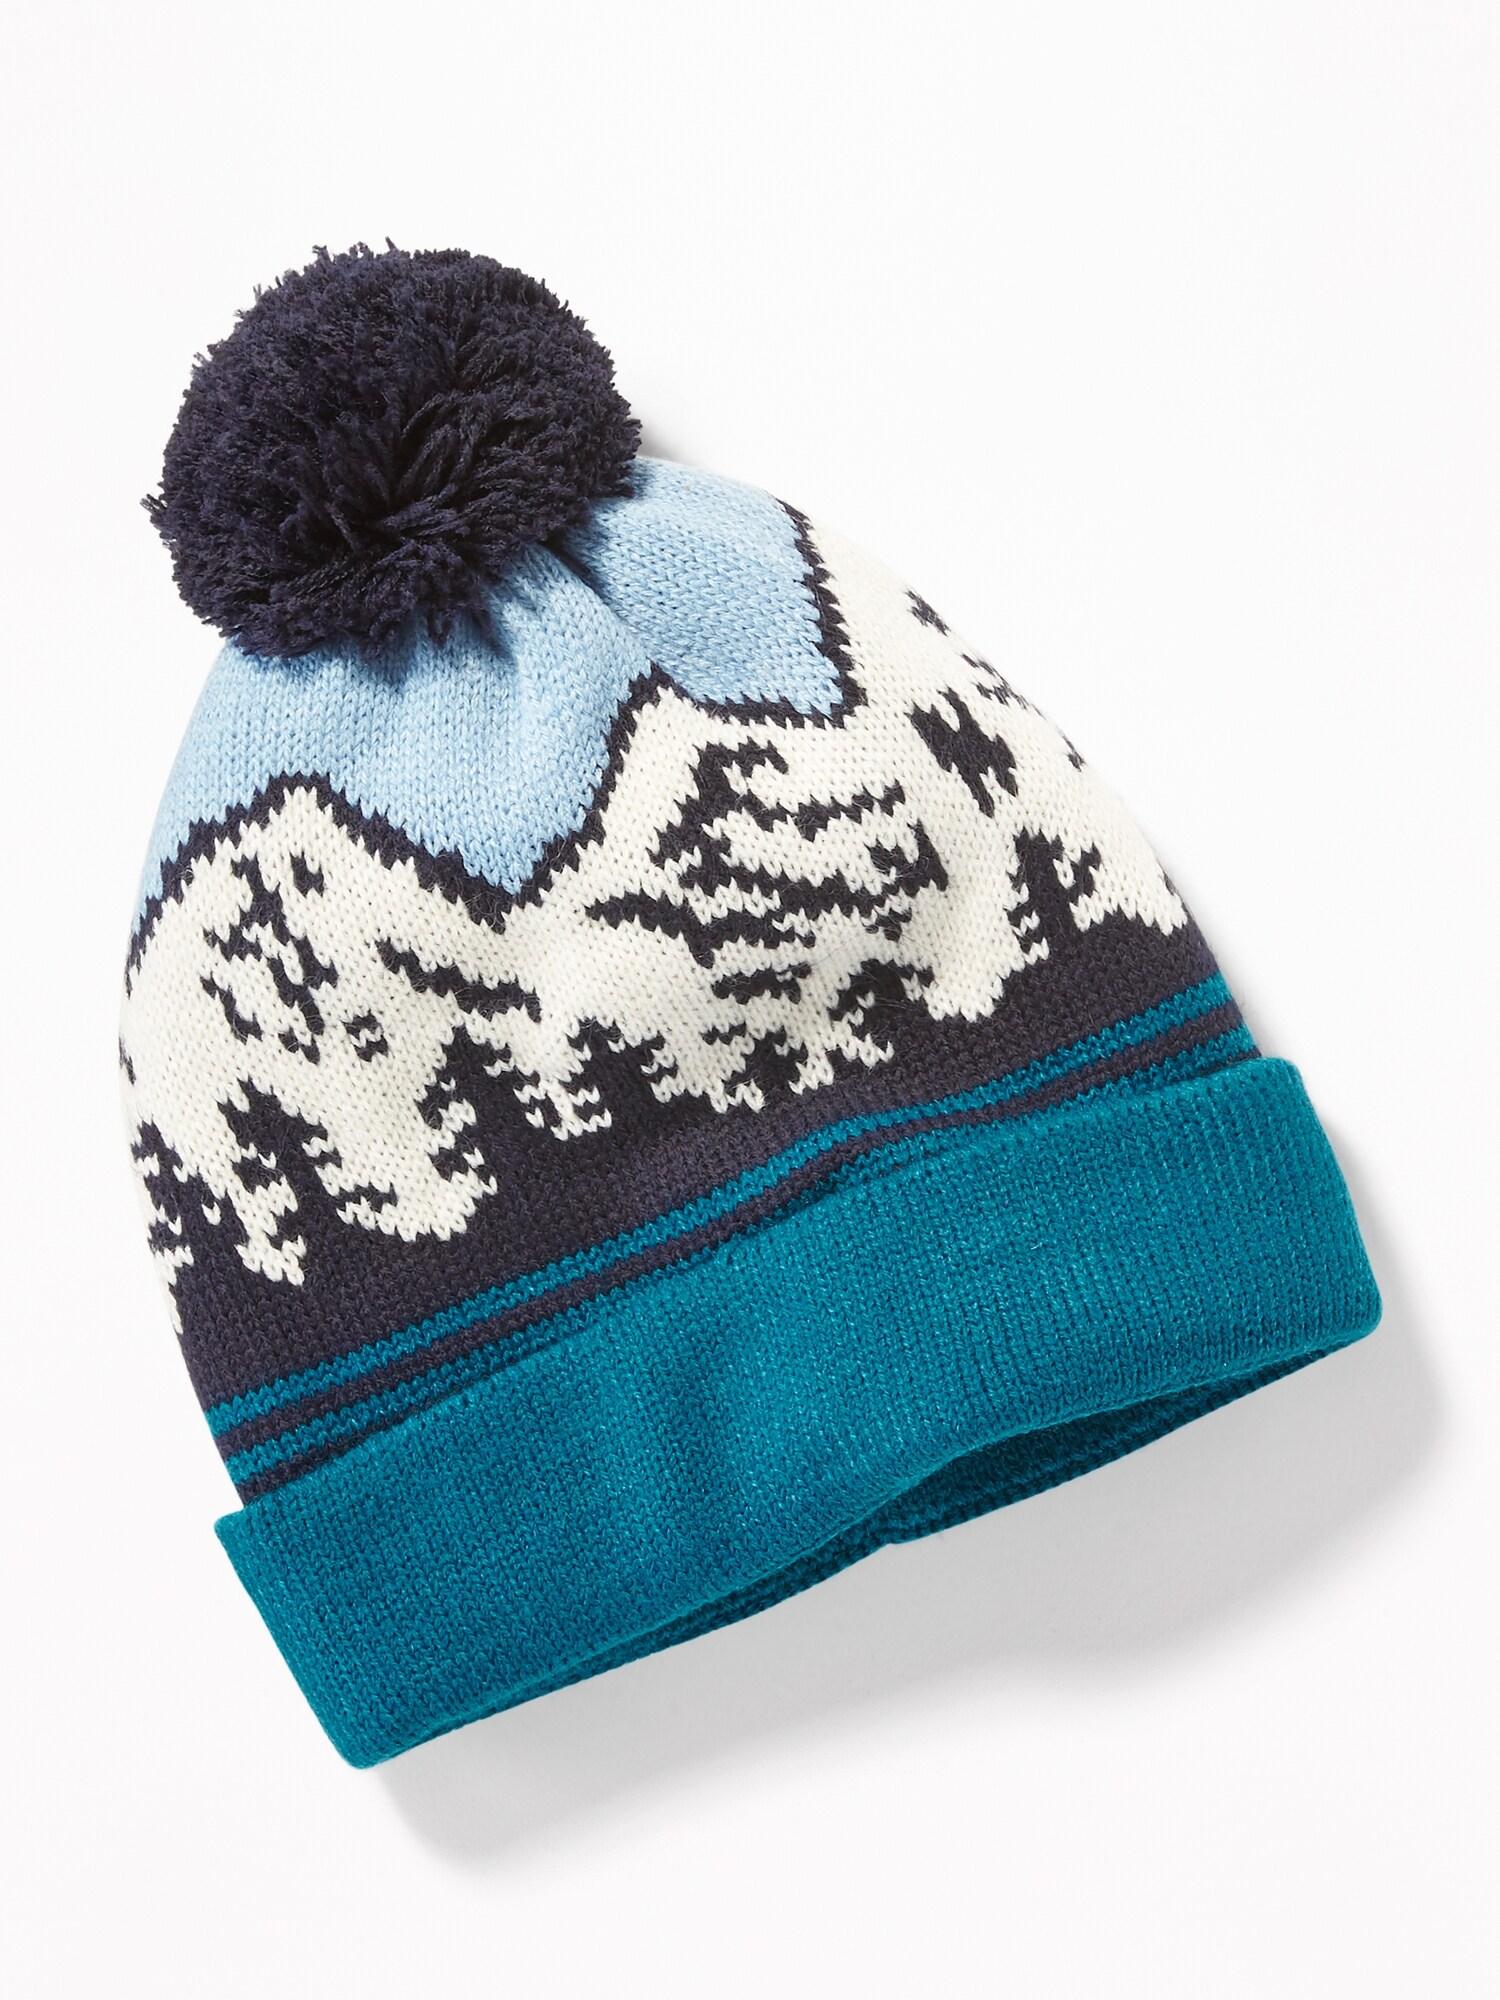 35960f550cc Sweater-Knit Pom-Pom Beanie for Boys